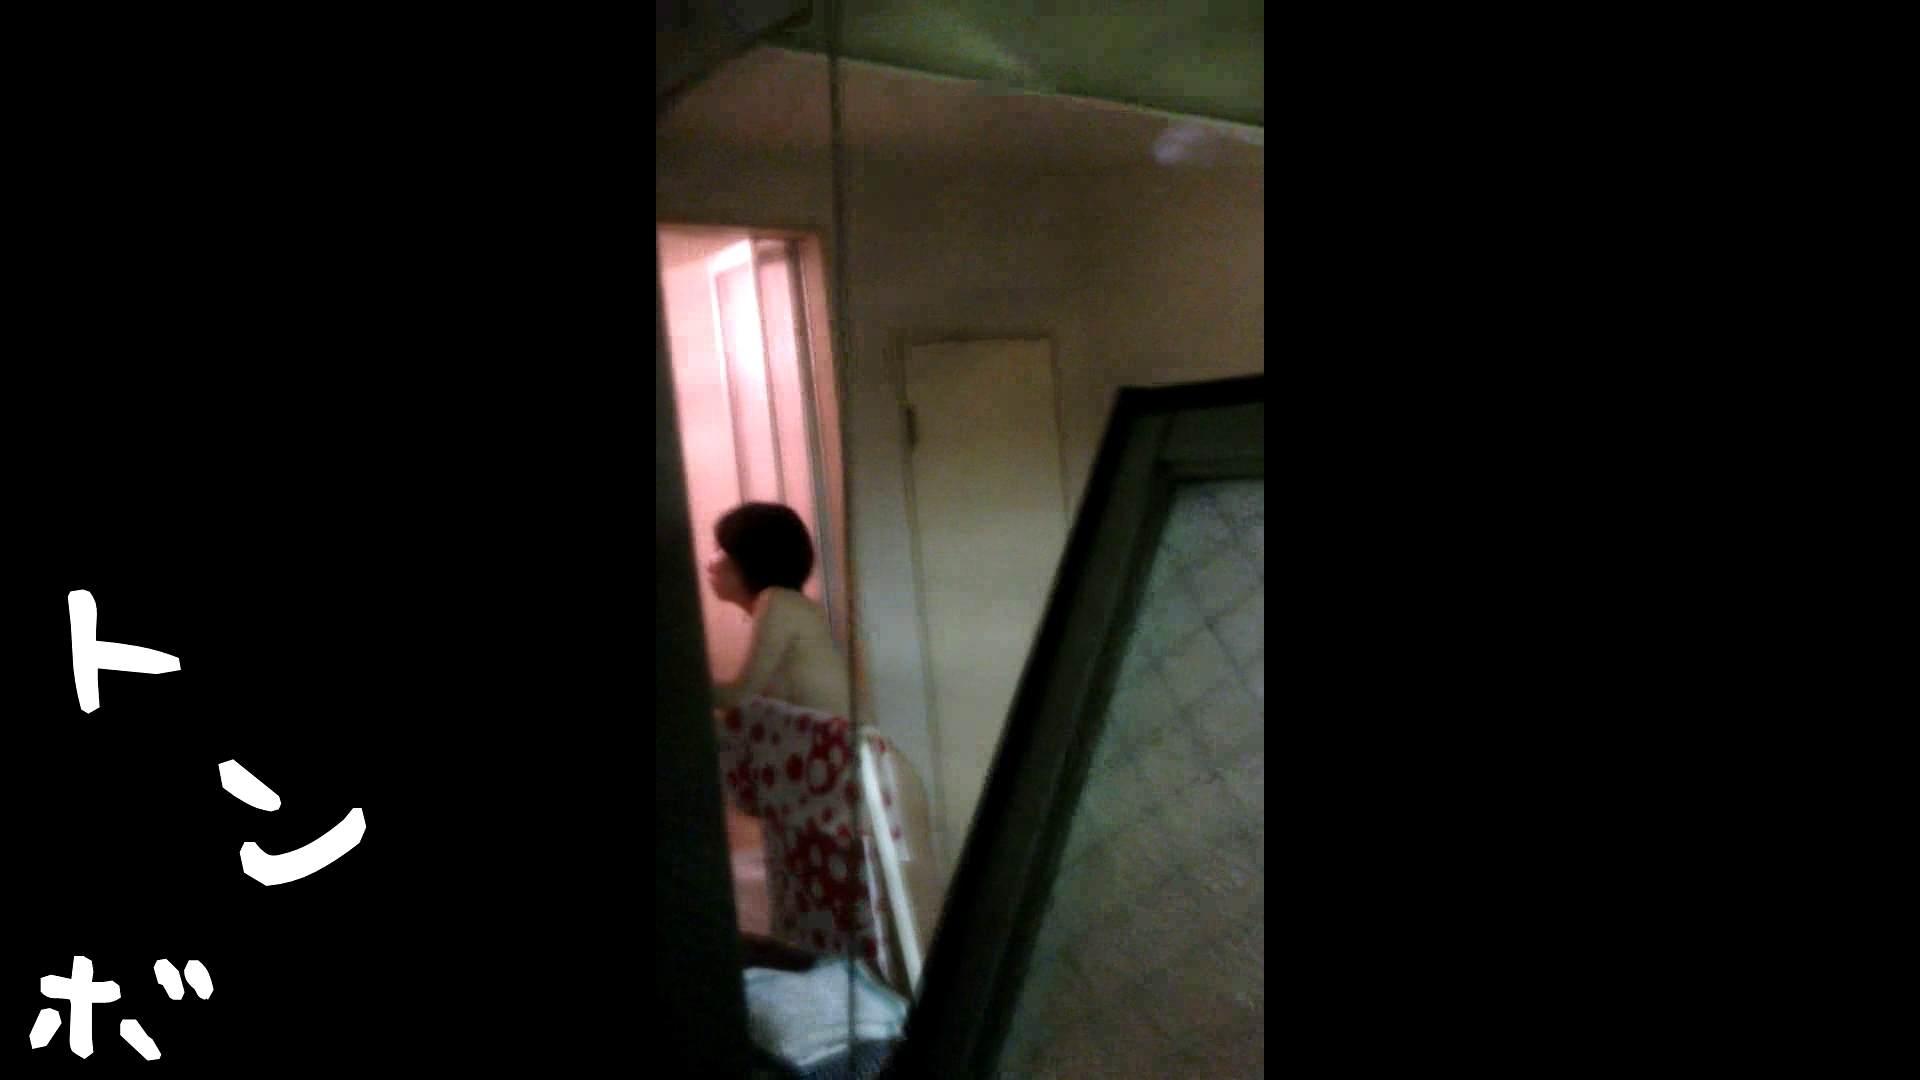 リアル盗撮 作家志望J子 アソコのお手入れ最中に感じてパンツを湿らす 盗撮  105pic 100